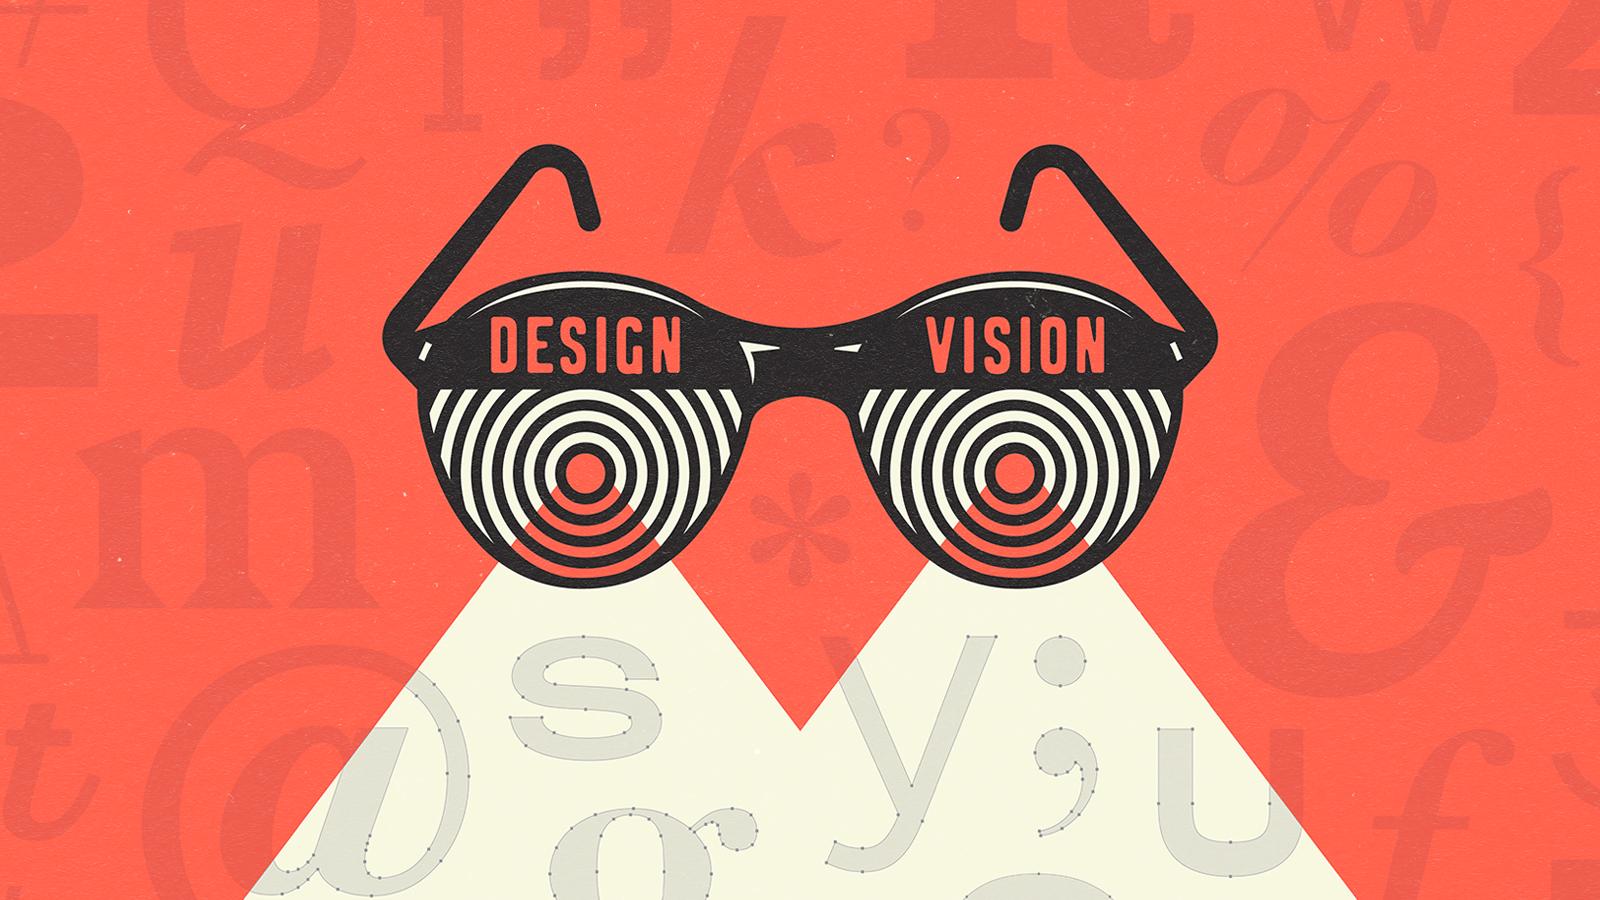 Bí kíp luyện skill tăng level thẩm mỹ cho game thủ, à nhầm, designer | Phần cuối: Creative Process